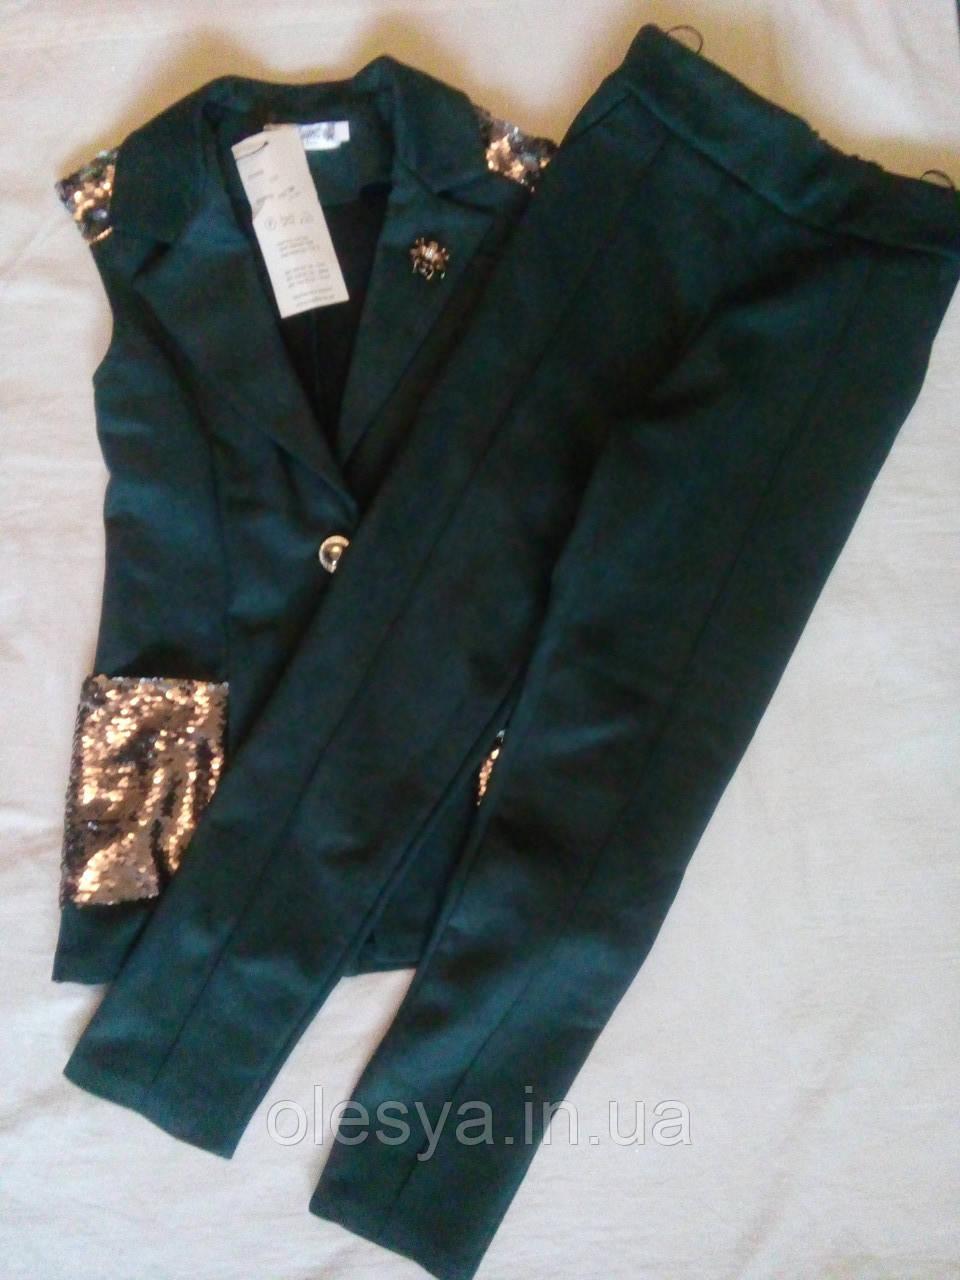 Стильный костюм с пайетками: брюки и удлиненный жилет на подростка Размер 158